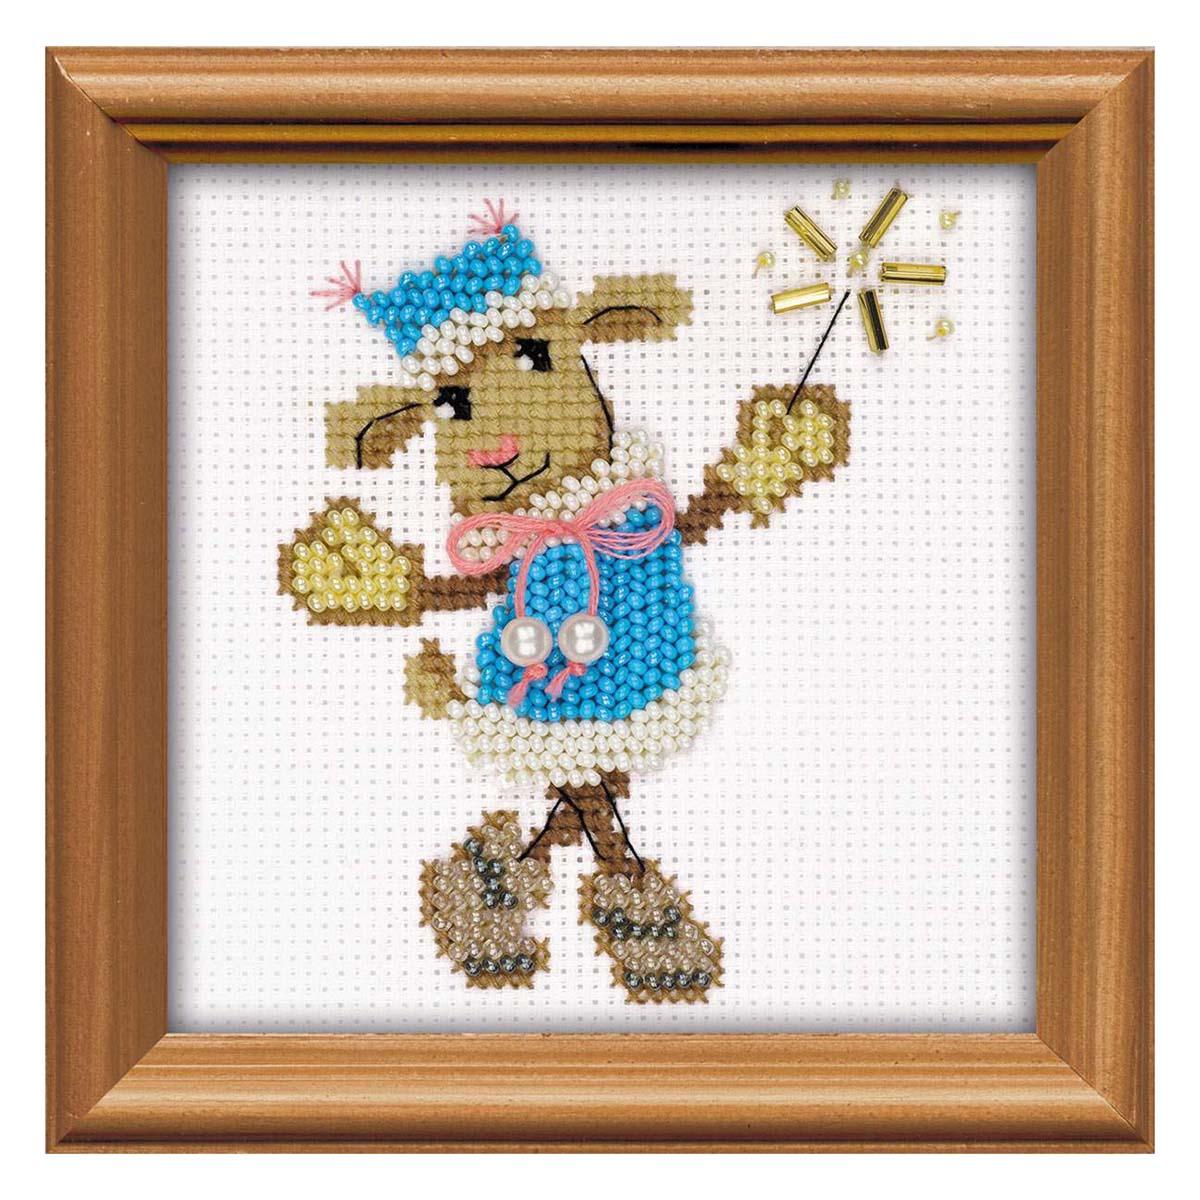 1460 Набор для вышивания бисером Riolis 'Овечка Снегурочка', 10*10 см